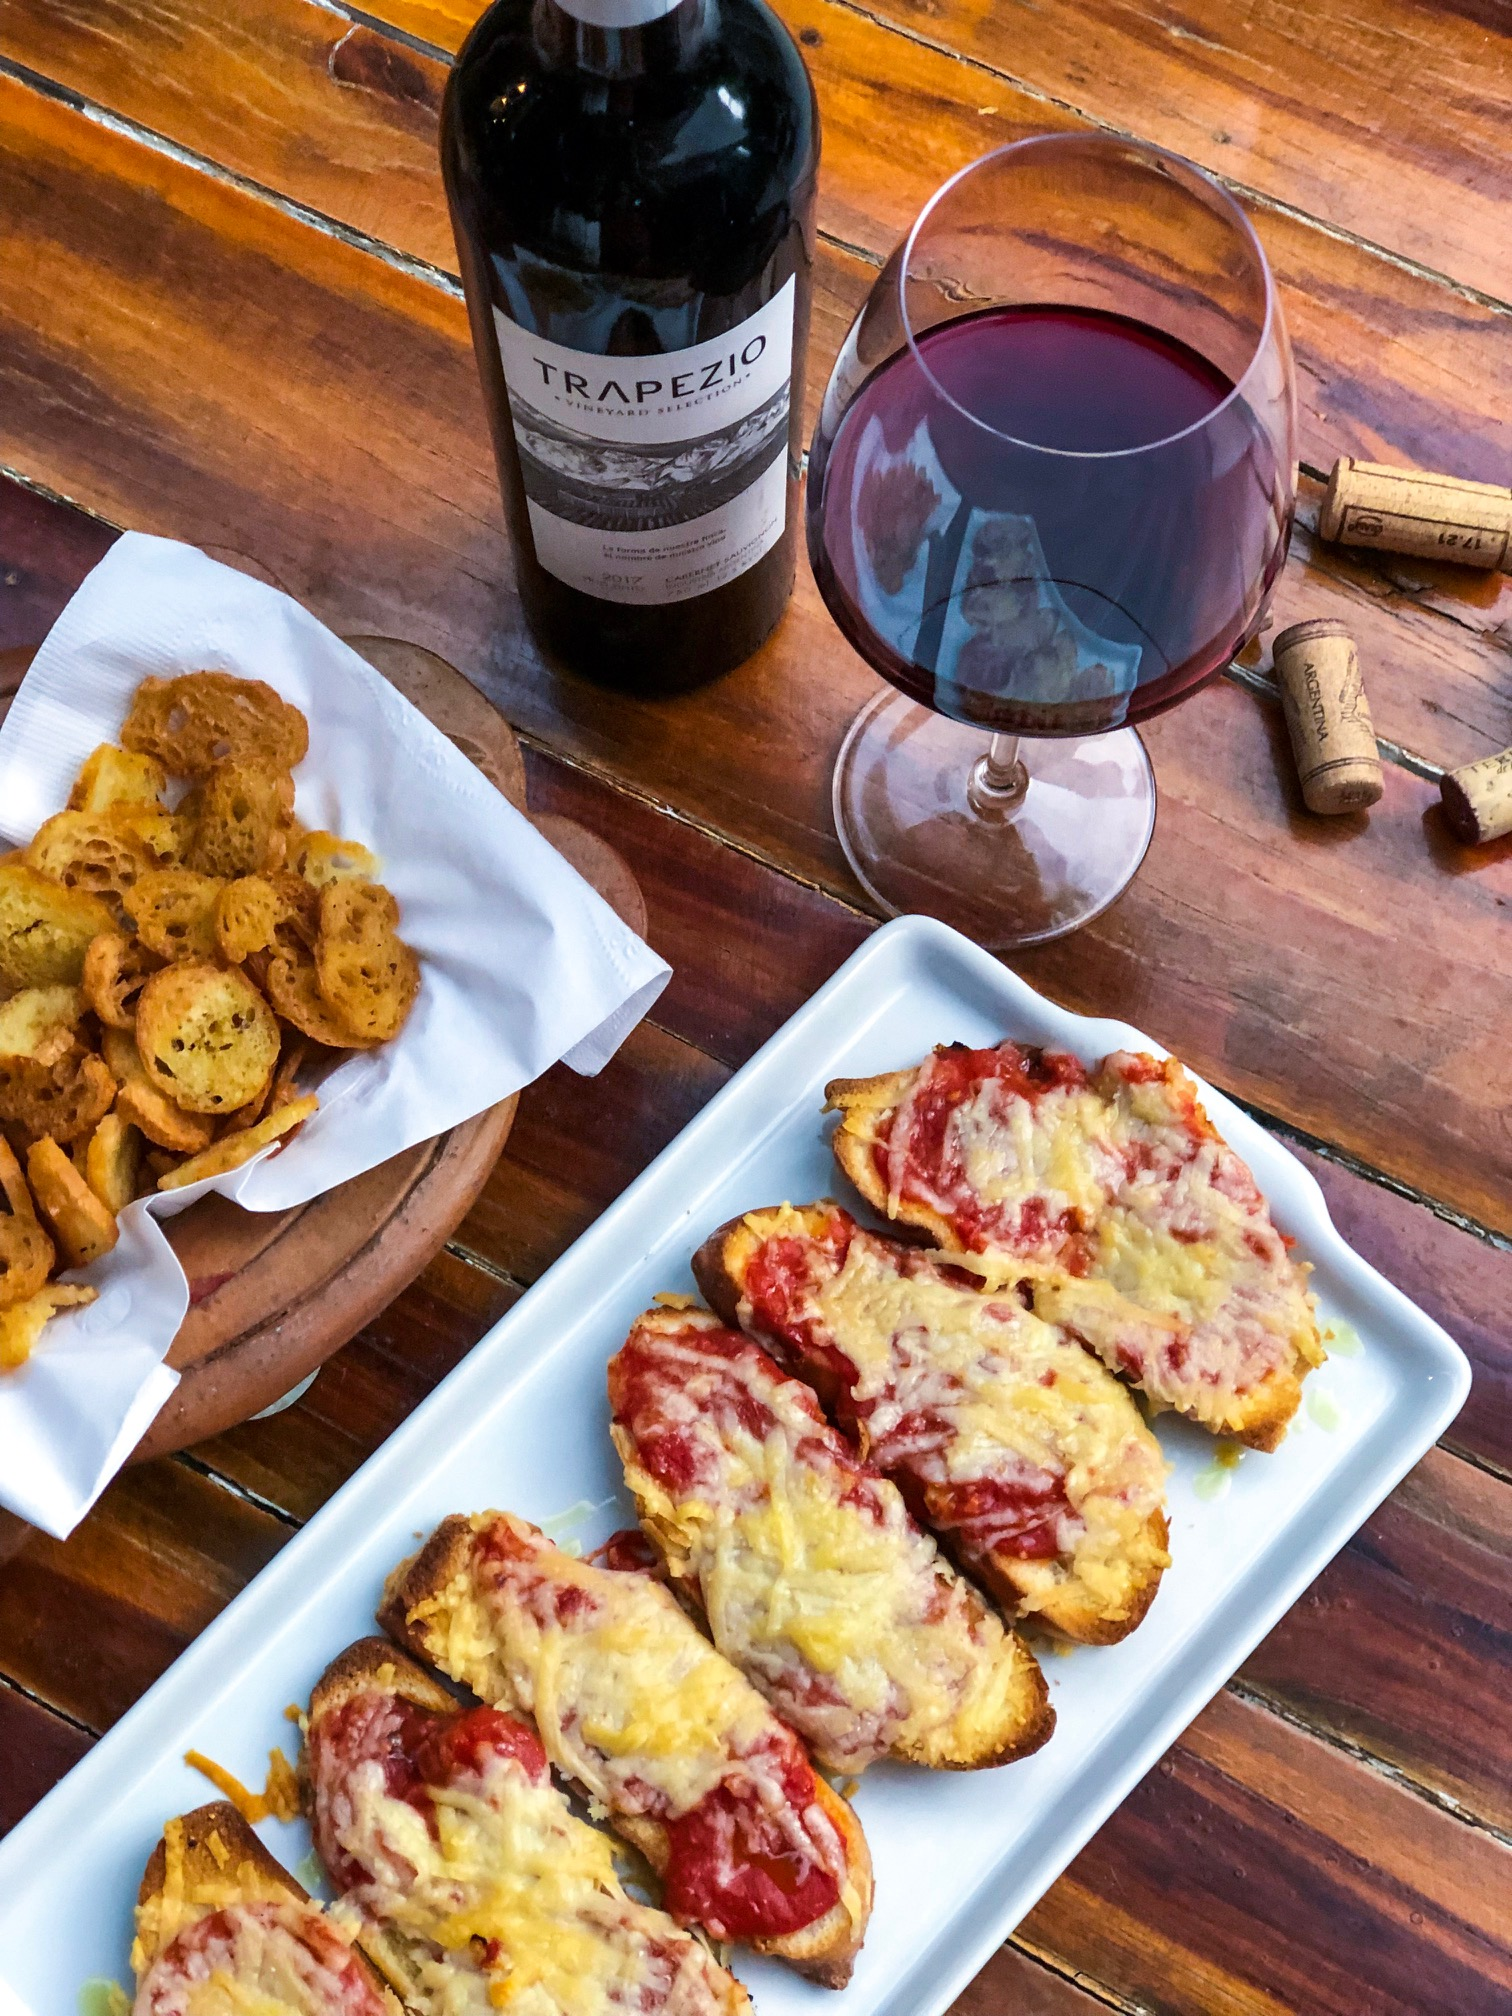 Entrada - Cesta de torradas + Prato Principal - Bruschettas Pomodoro + Sobremesa - Brownie com sorvete e Vinho - Trapezio Cab. Sauv para 2 pessoas de R$146,90 por R$113